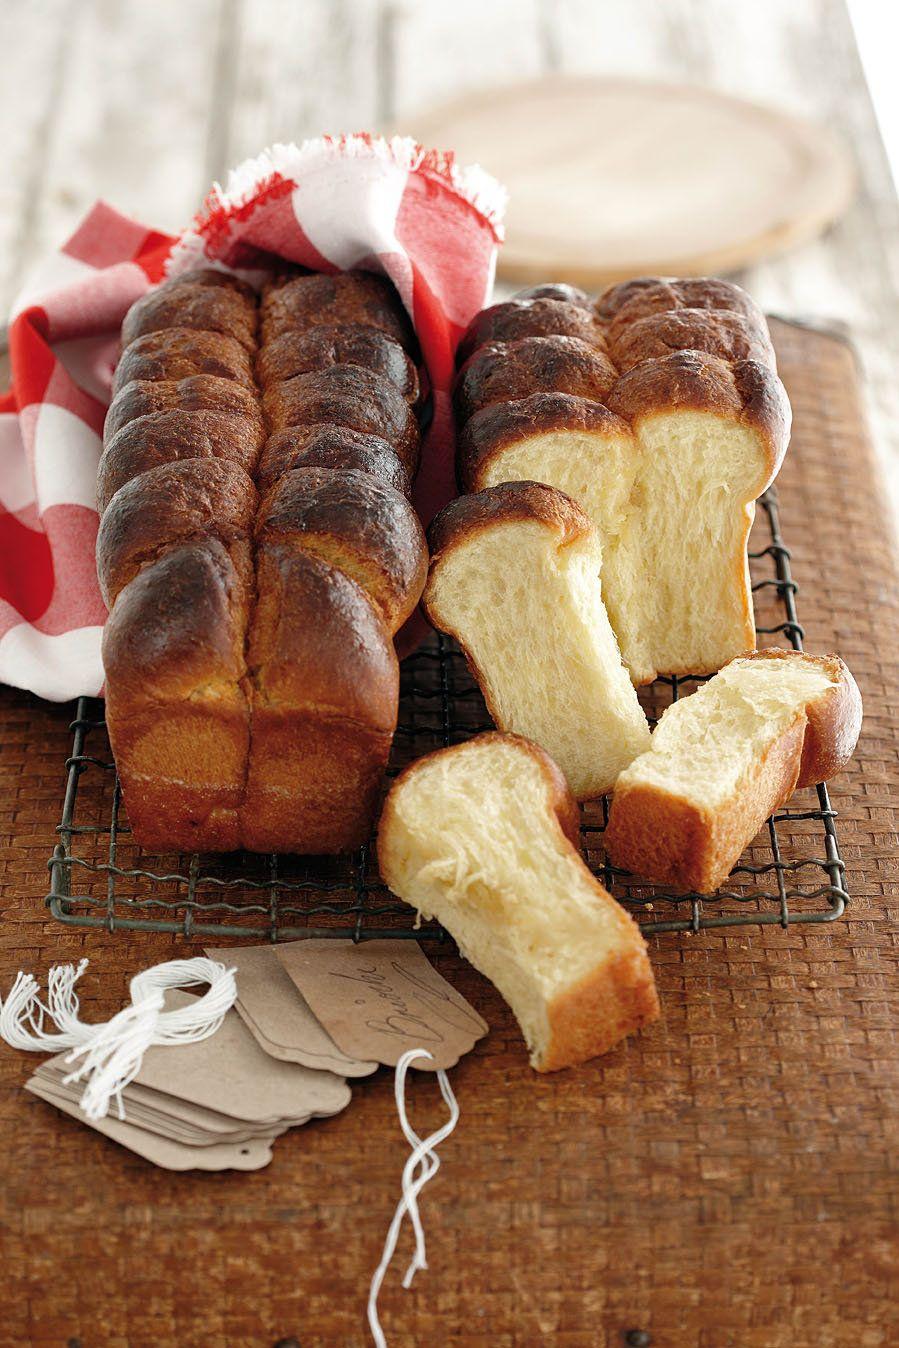 Dis 'n tradisionele Franse soetbrood met baie botter in